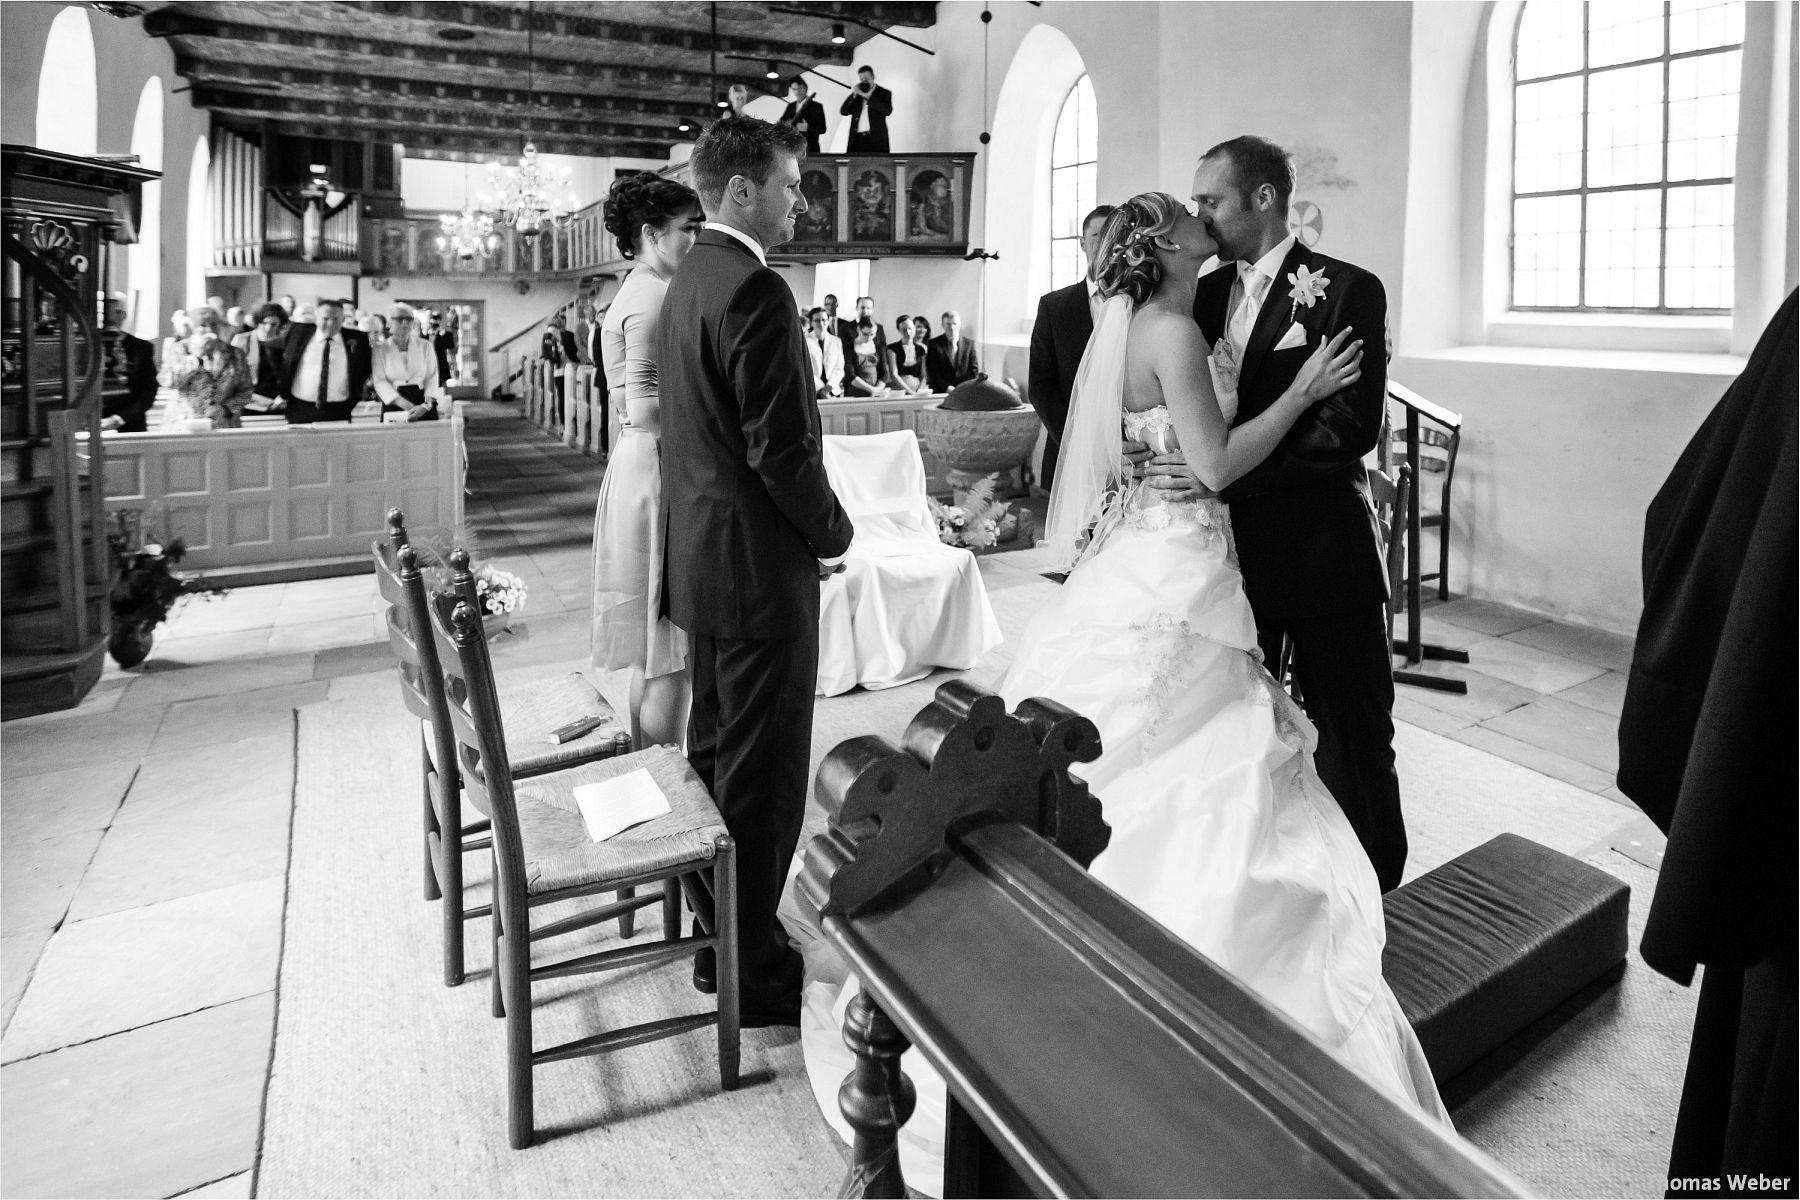 Hochzeitsfotograf Thomas Weber bei einer Hochzeitsreportage in Wilhelmshaven (9)